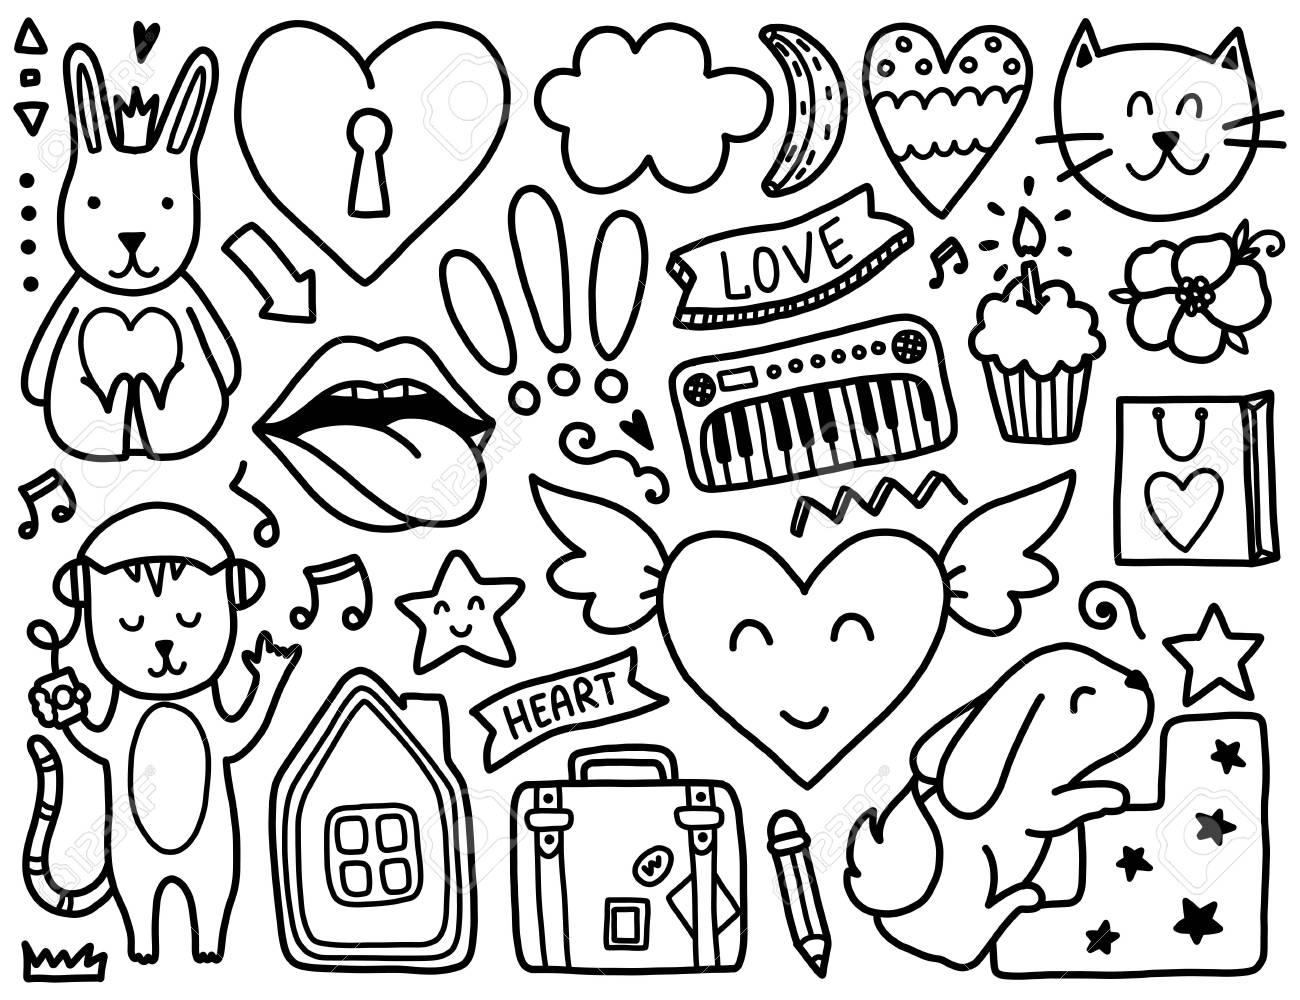 Doodles Elementos Lindo Colorear Vector Negro Ilustración Con Corazones Y Flores Los Animales Y Los Labios Nubes Y Estrellas Diseño Para Las